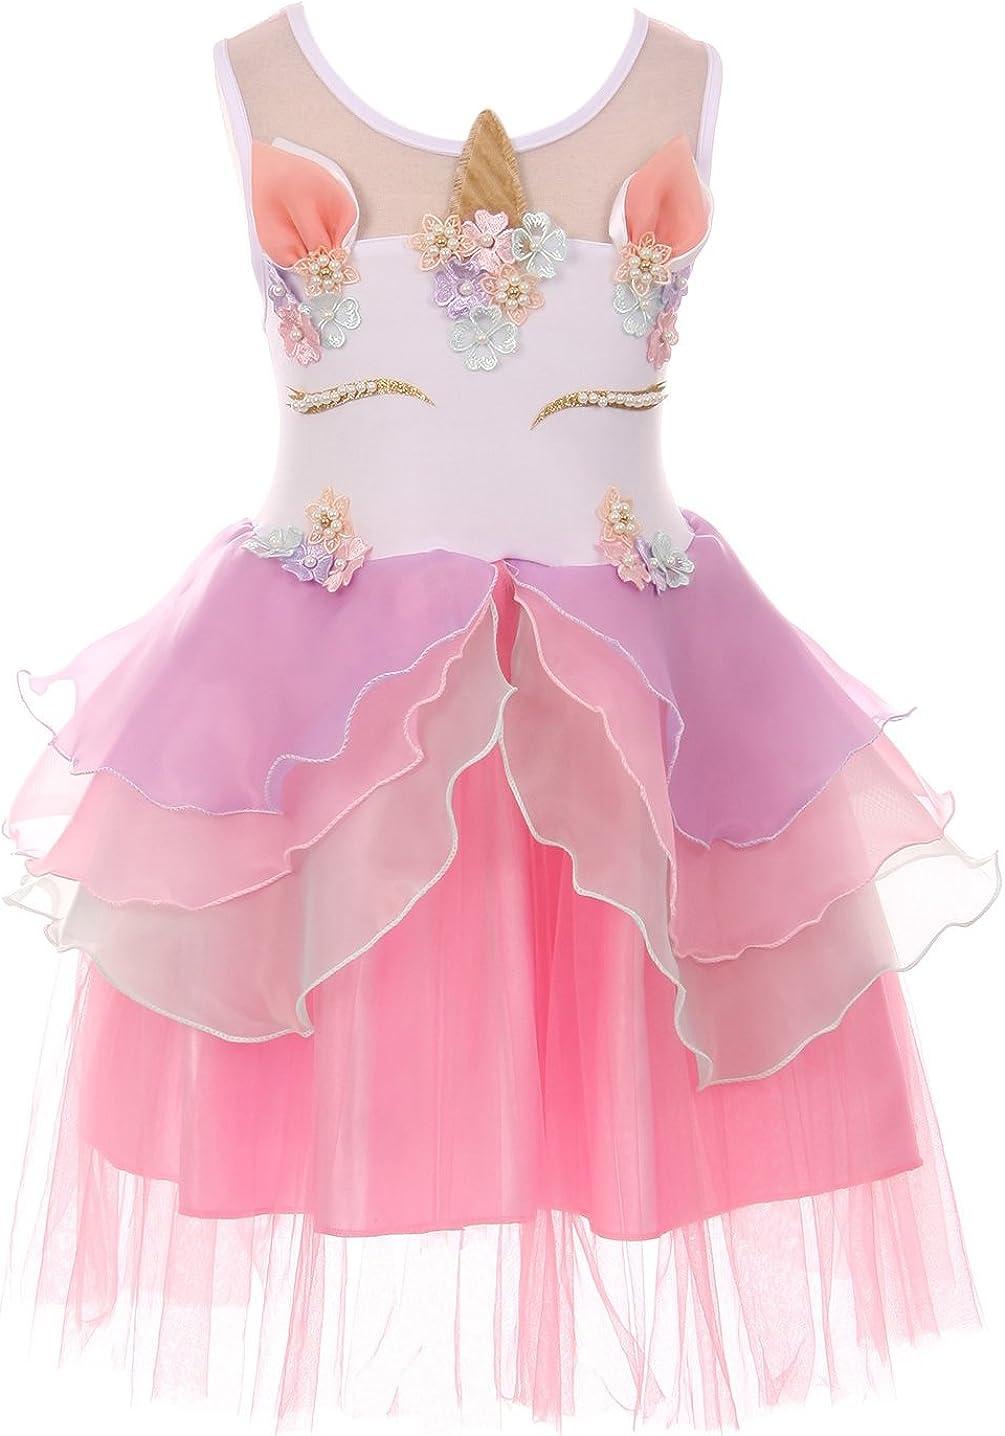 Little Girls Lovely Unicorn Pearl Tutu Tulle Birthday Party Flower Girl Dress